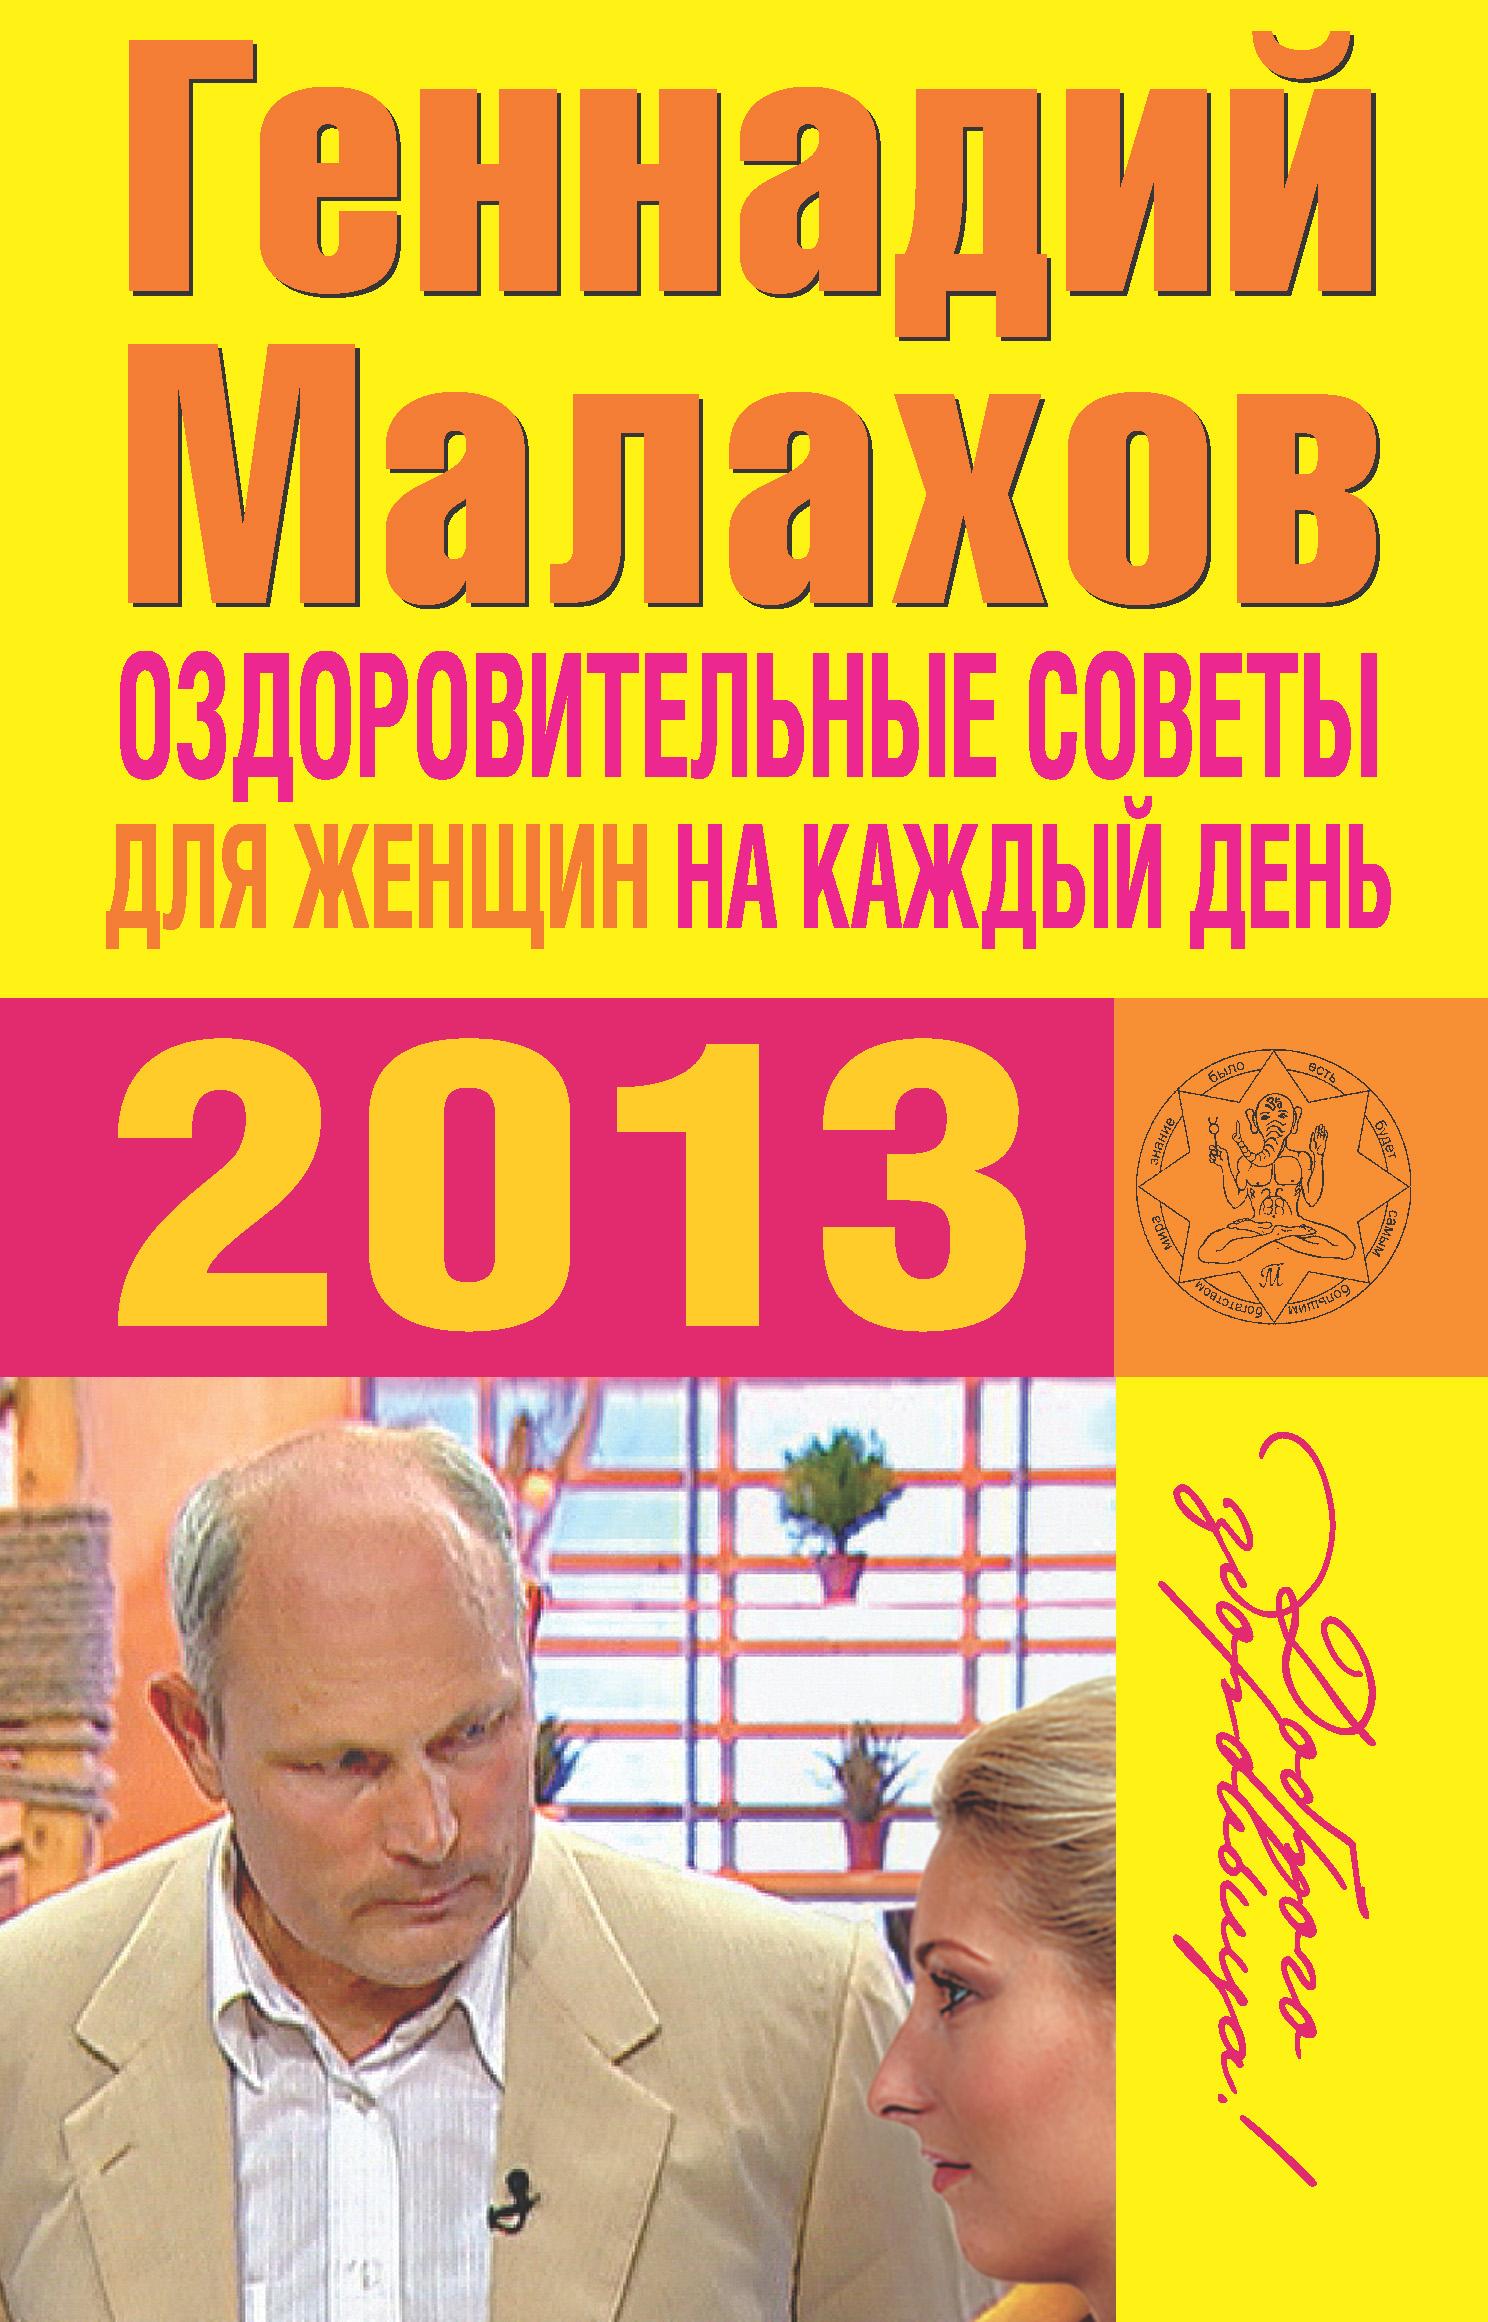 Геннадий Малахов Оздоровительные советы для женщин на каждый день 2013 года